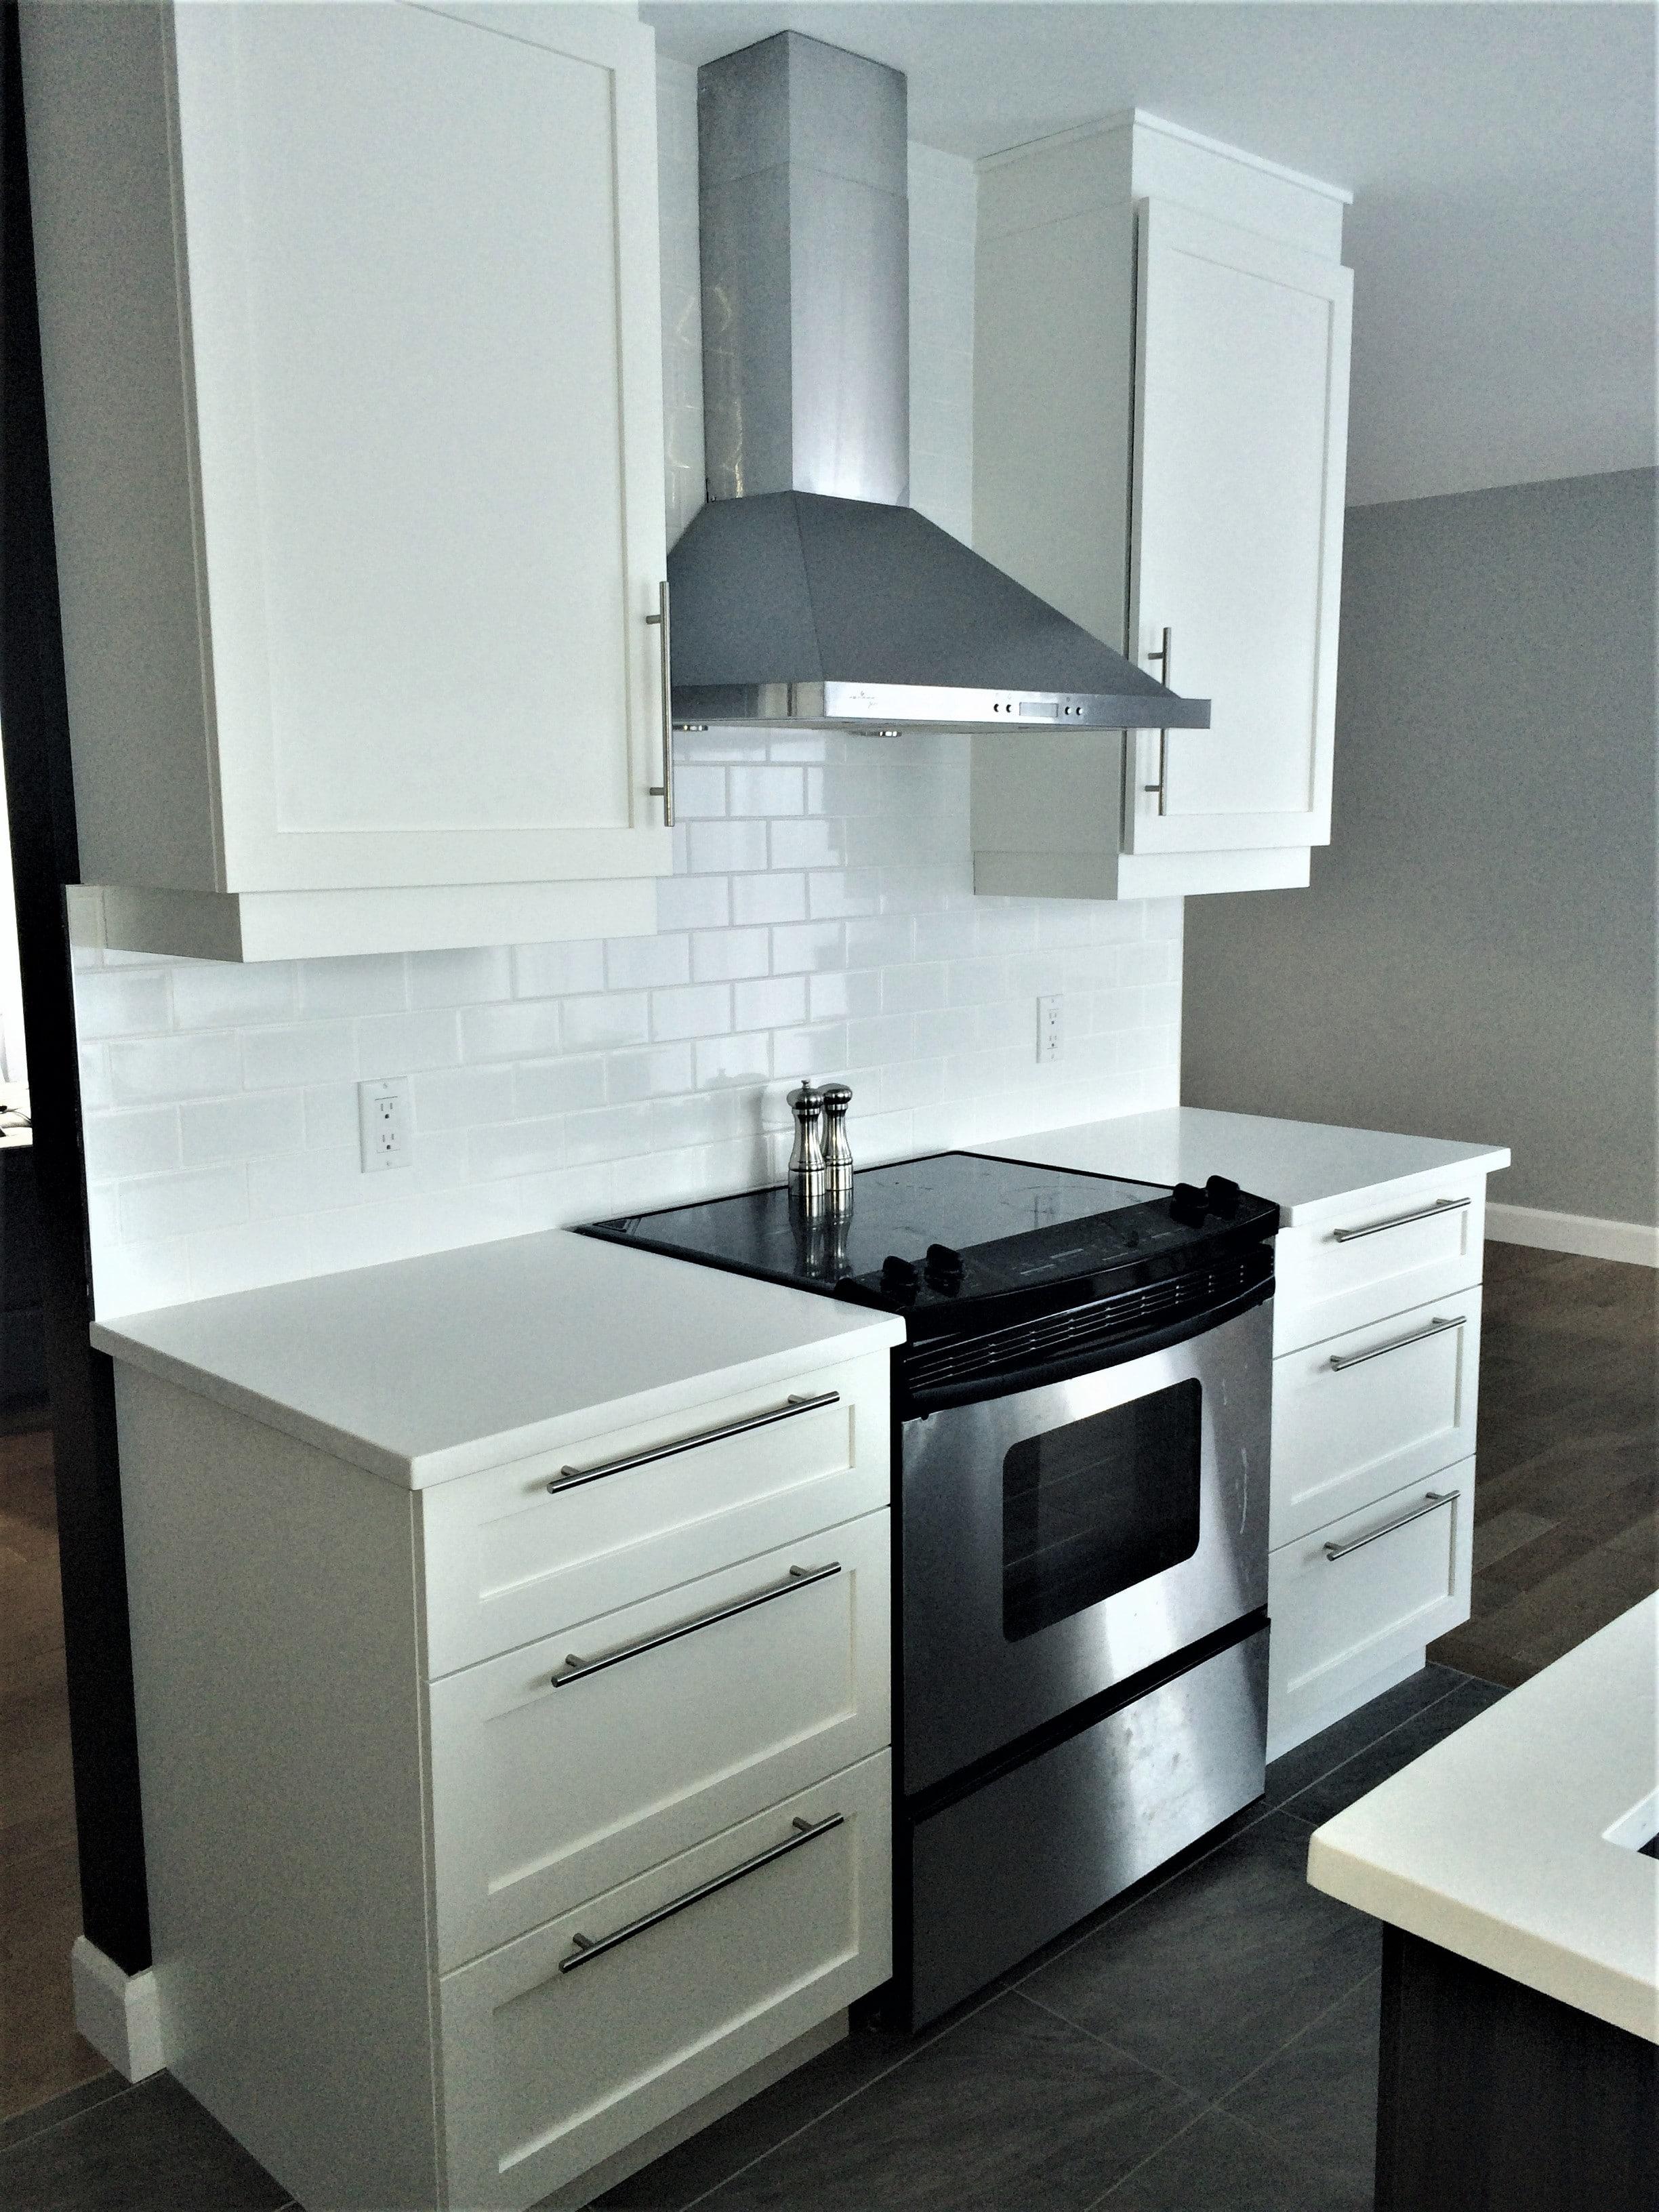 Armoires de cuisine sur mesure farnham - Armoire de cuisine polyester ...